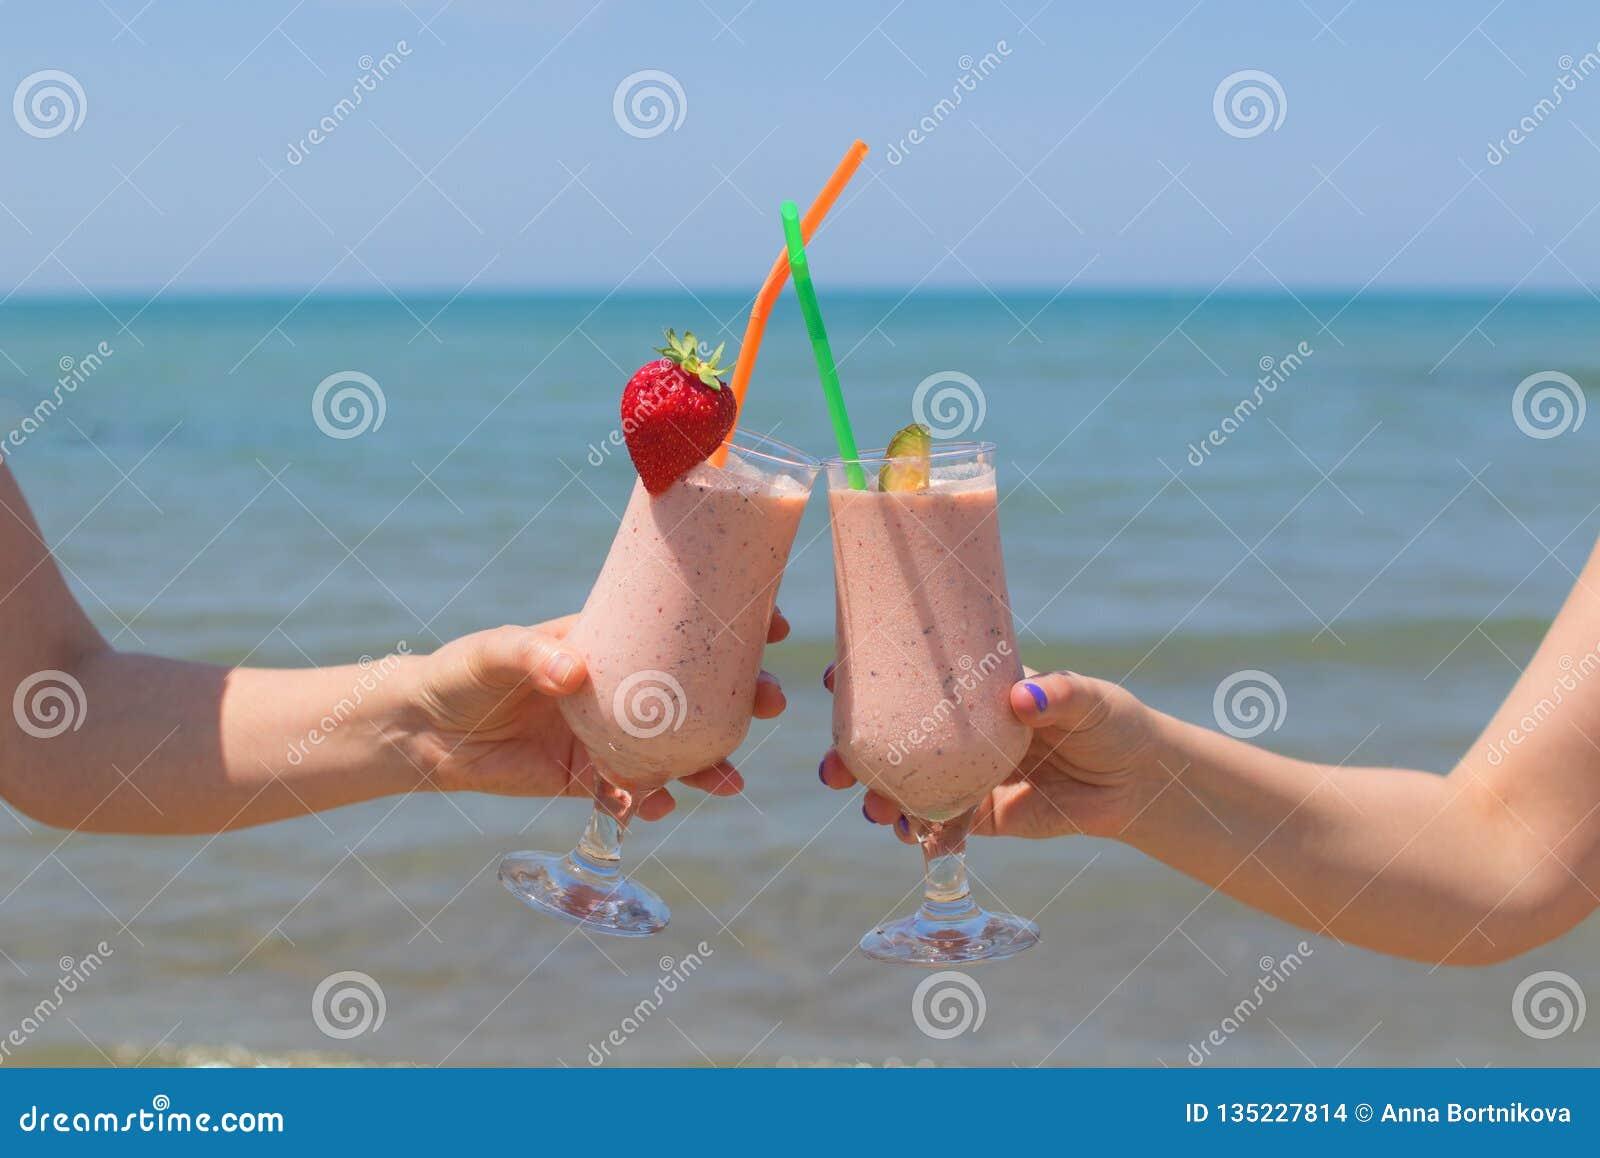 Duas mãos fêmeas estão guardando milks shake da morango no fundo do mar